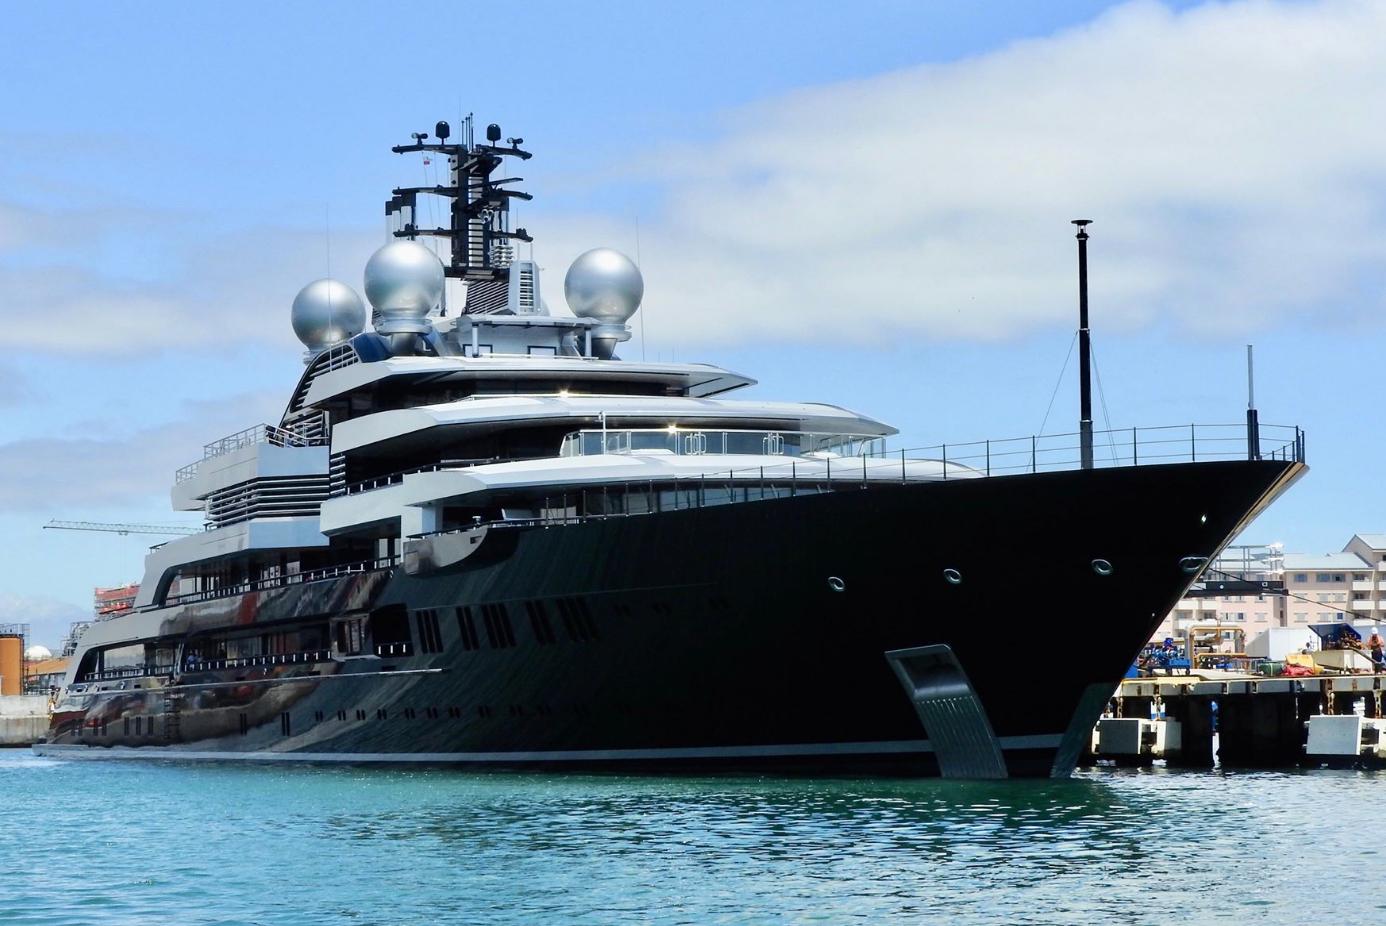 M/y Crescent 135M Super Yacht By Lürssen Yachtssuper Yachts ... avec Piscine Plus Le Cres